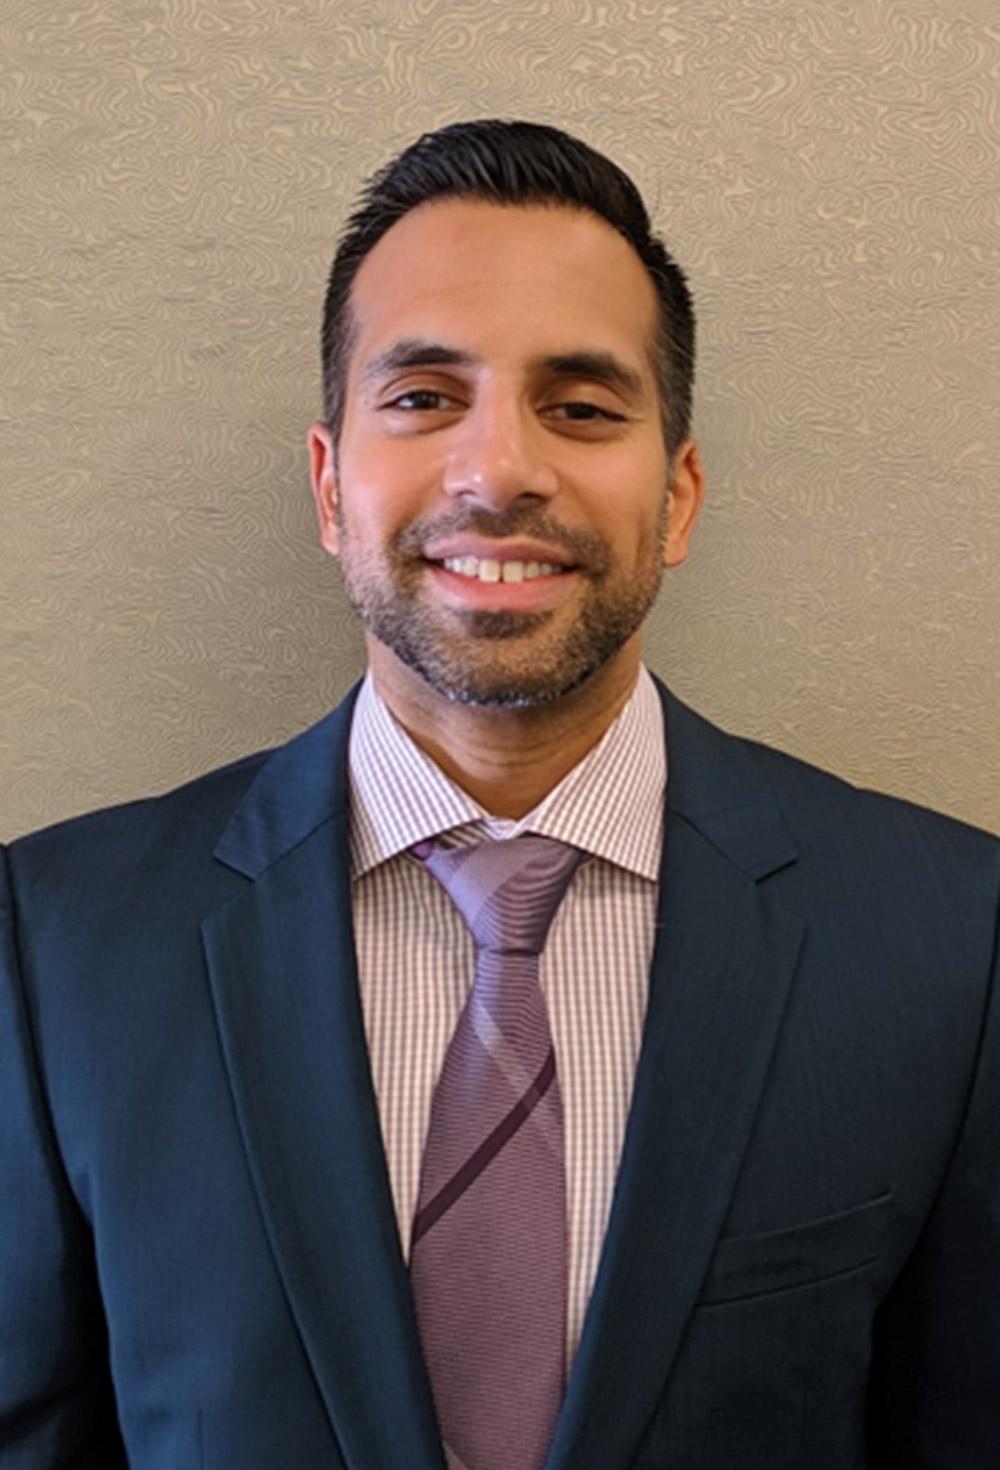 Dr. Mustafa Nawaz